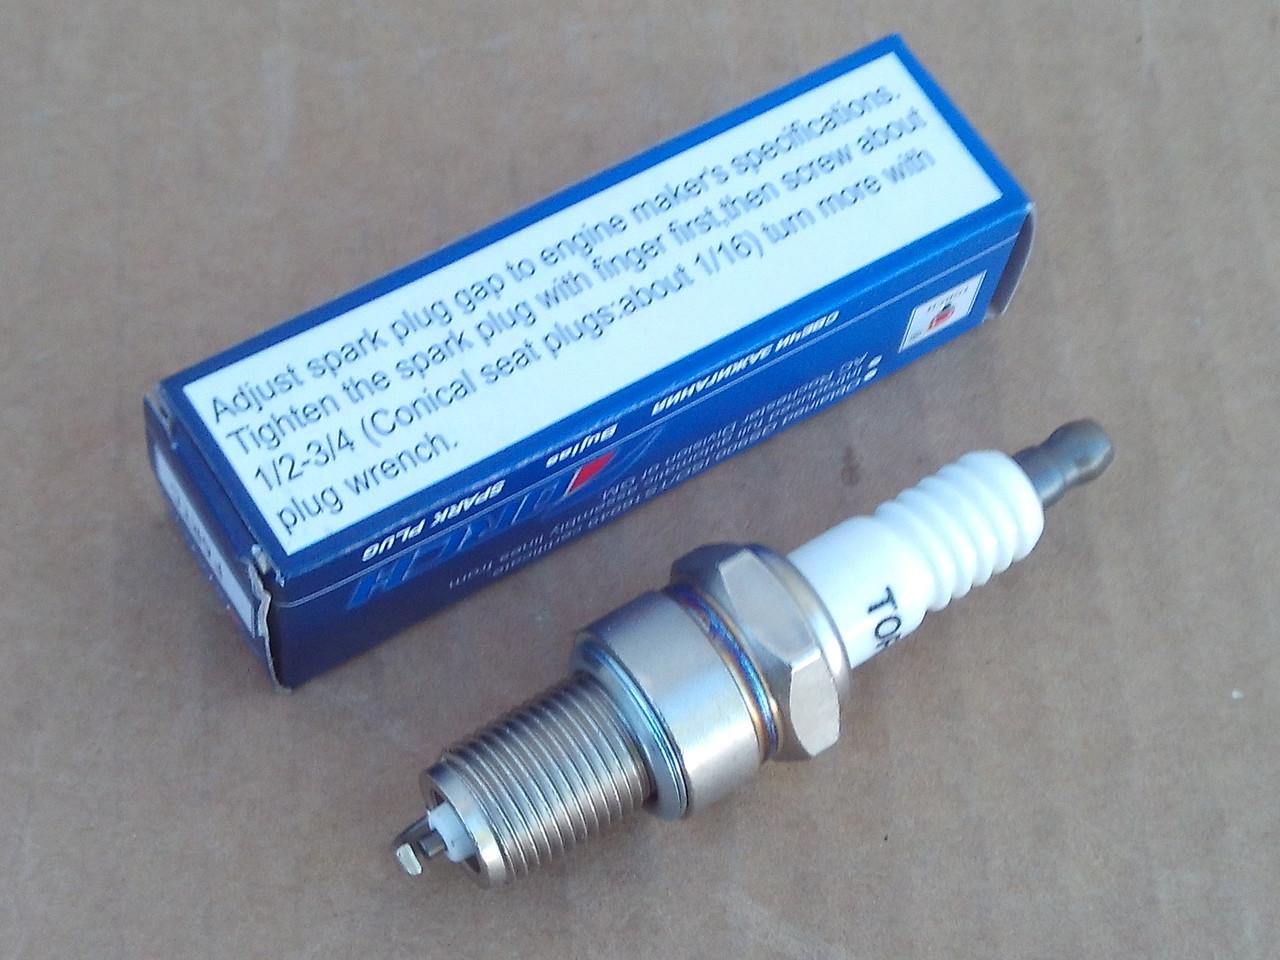 MTD Genuine OEM-751-10292 951-10292 F6RTC LG Spark Plug Premium OHV Engines ;#by:marspt